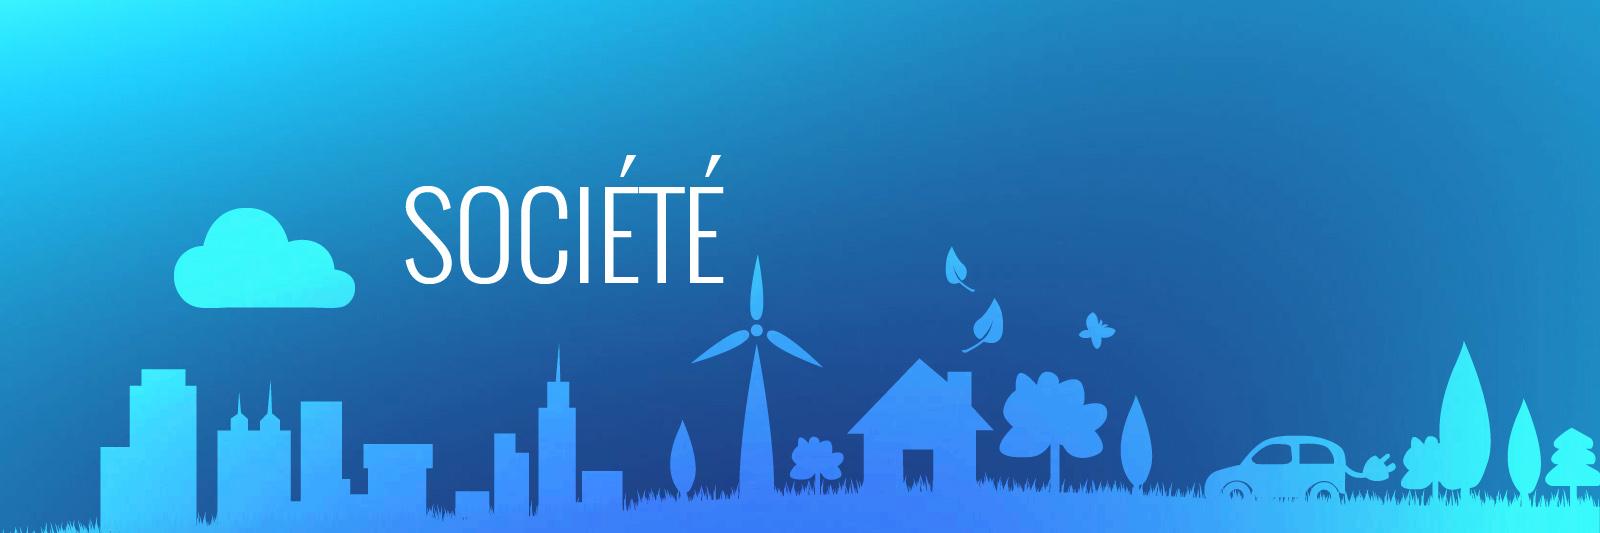 Site de rencontre gratuit 2012